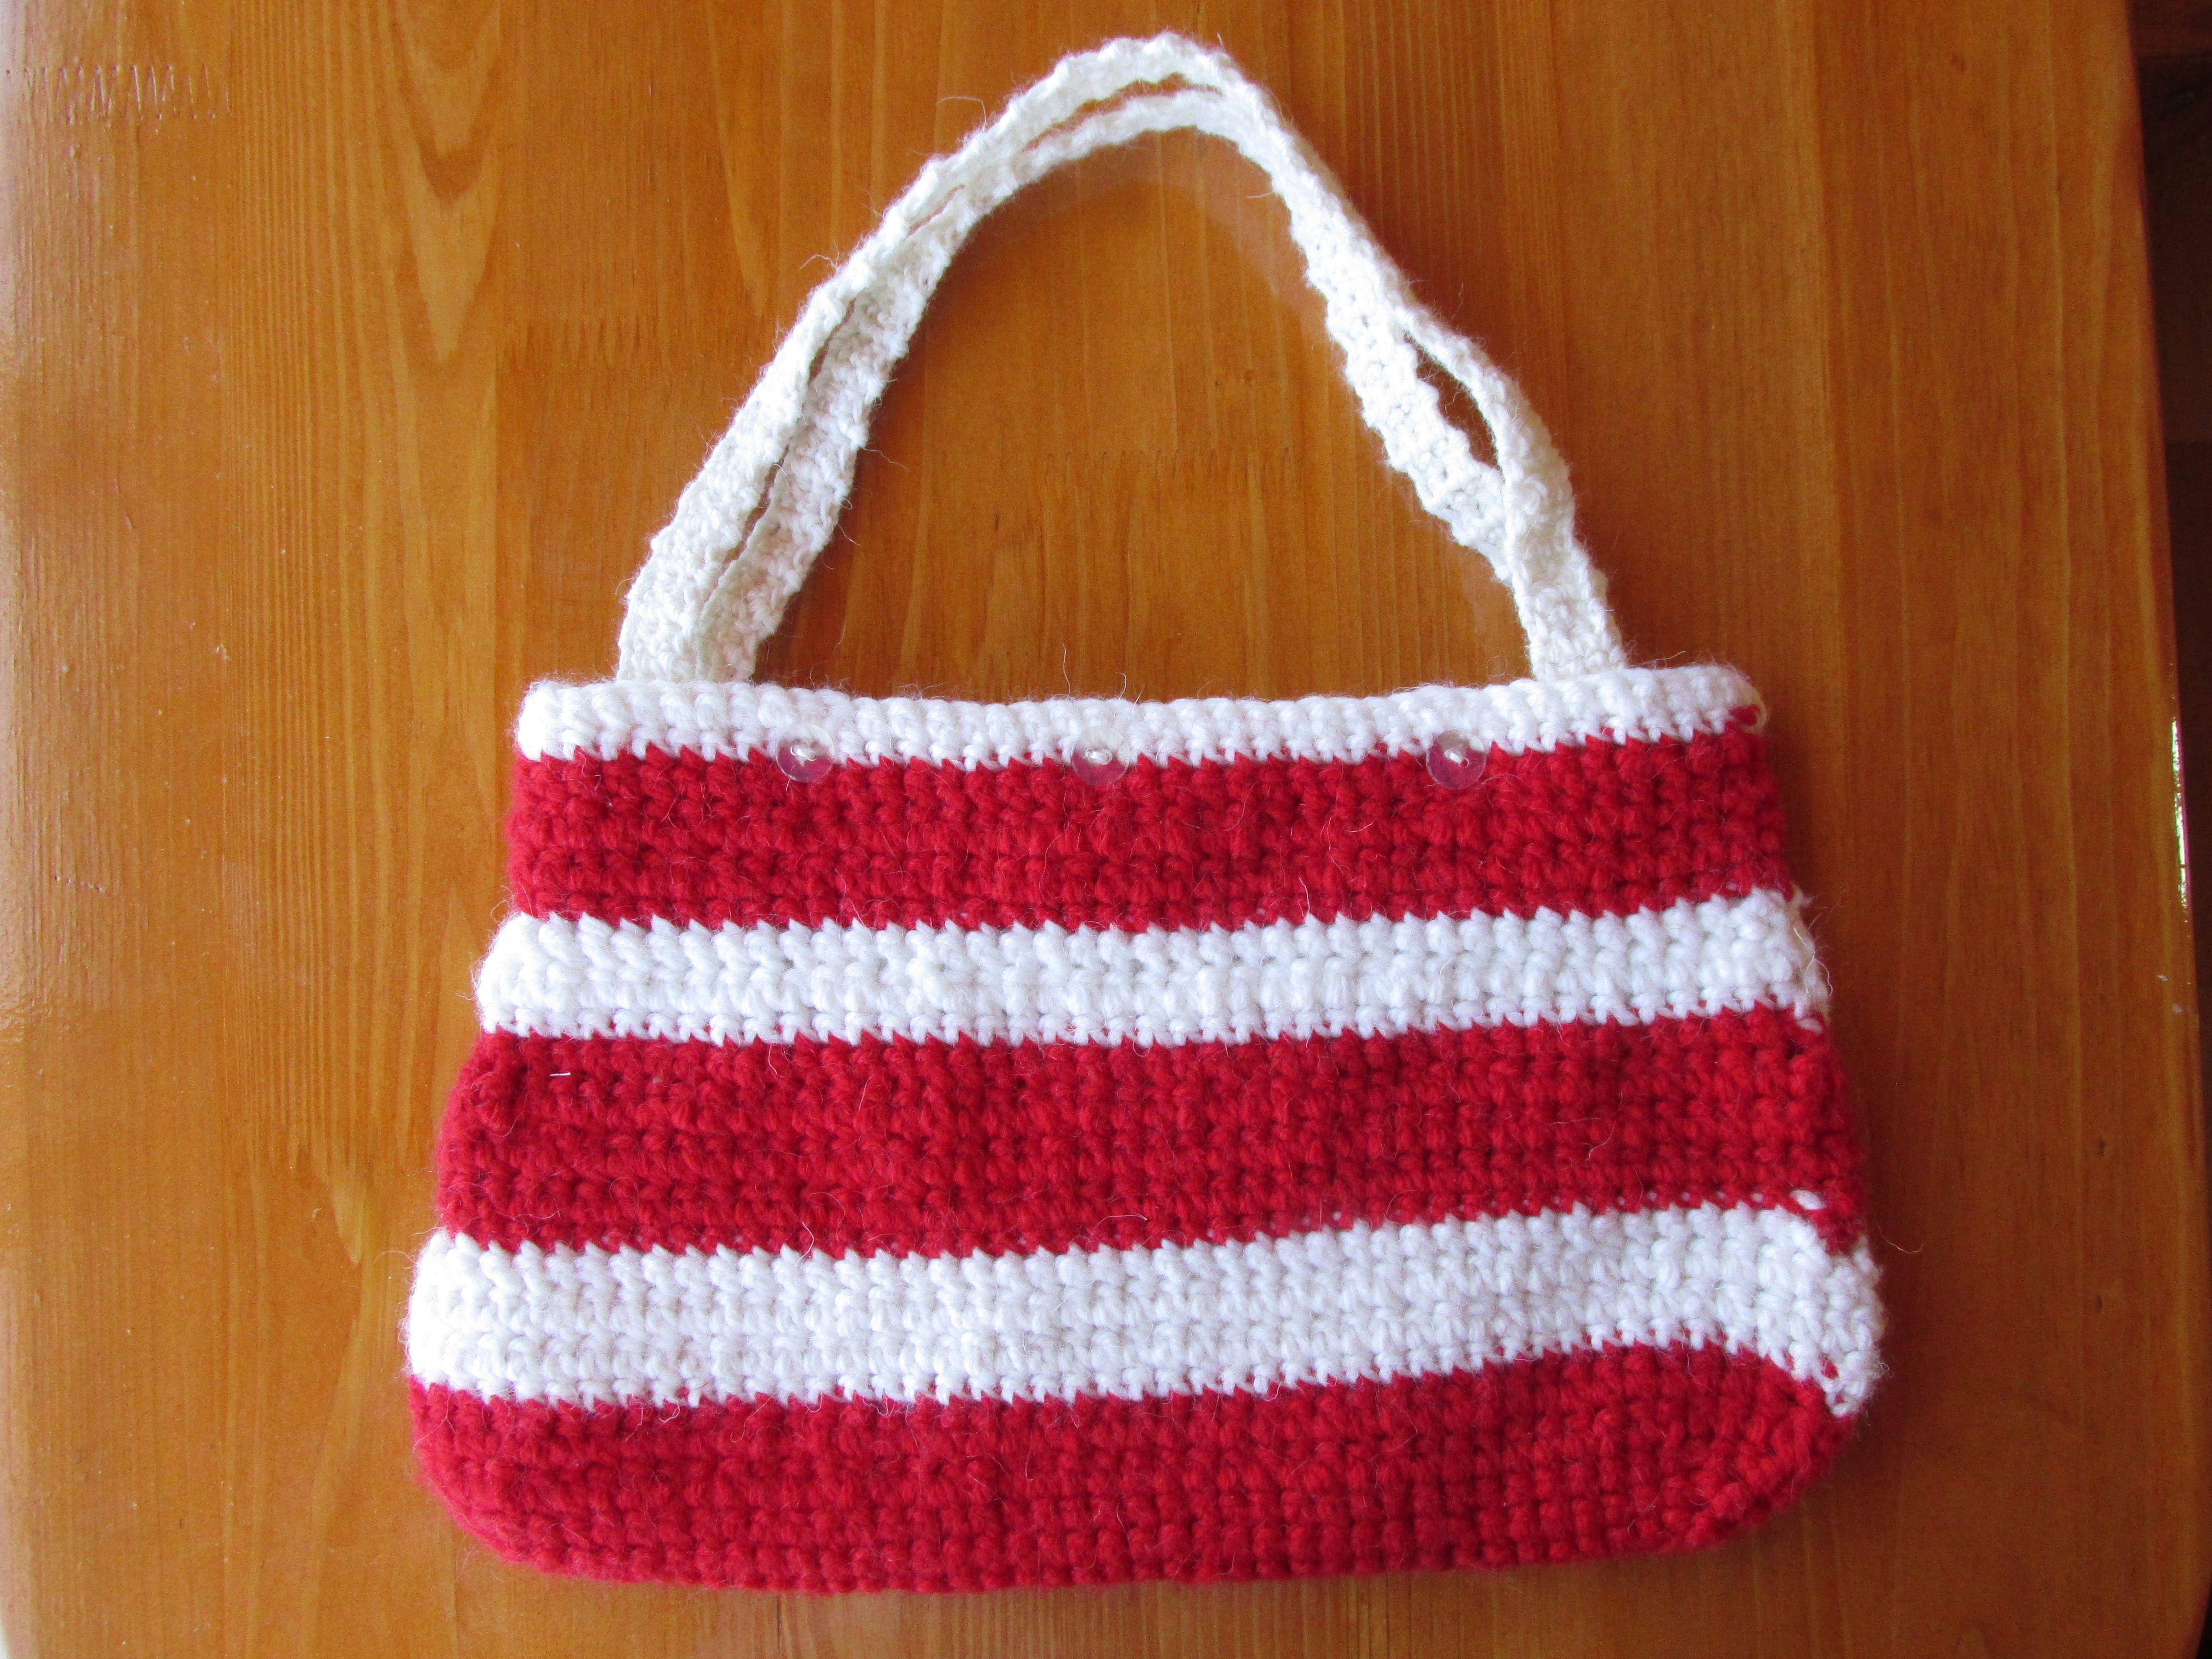 белое акрил женское сумка вязание крючком шерсть красное